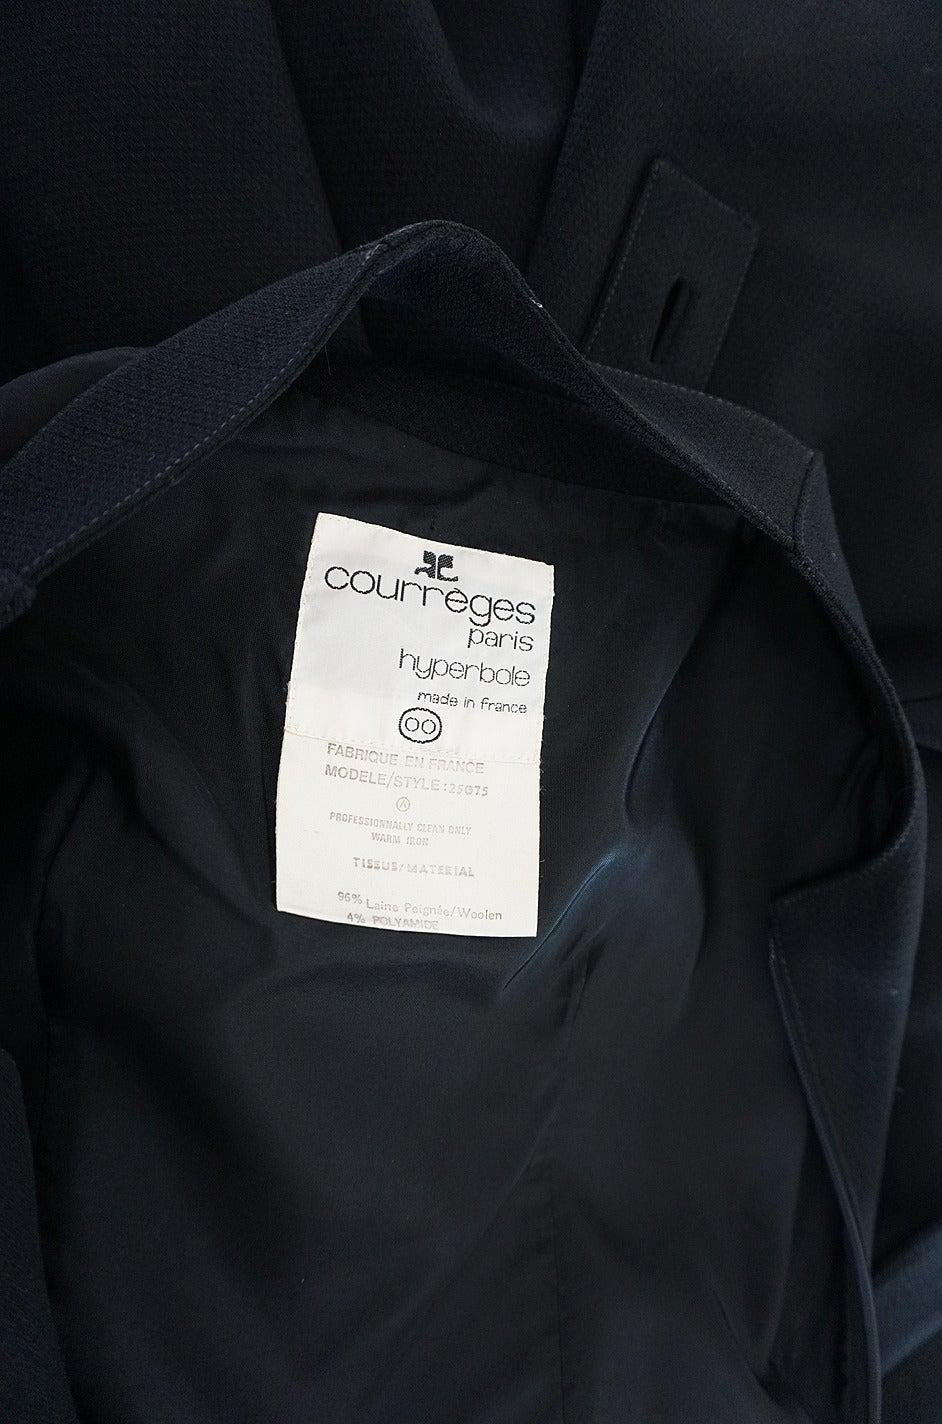 1960s Courreges HyperBole Twirling Skirt Sleeveless Dress For Sale 1